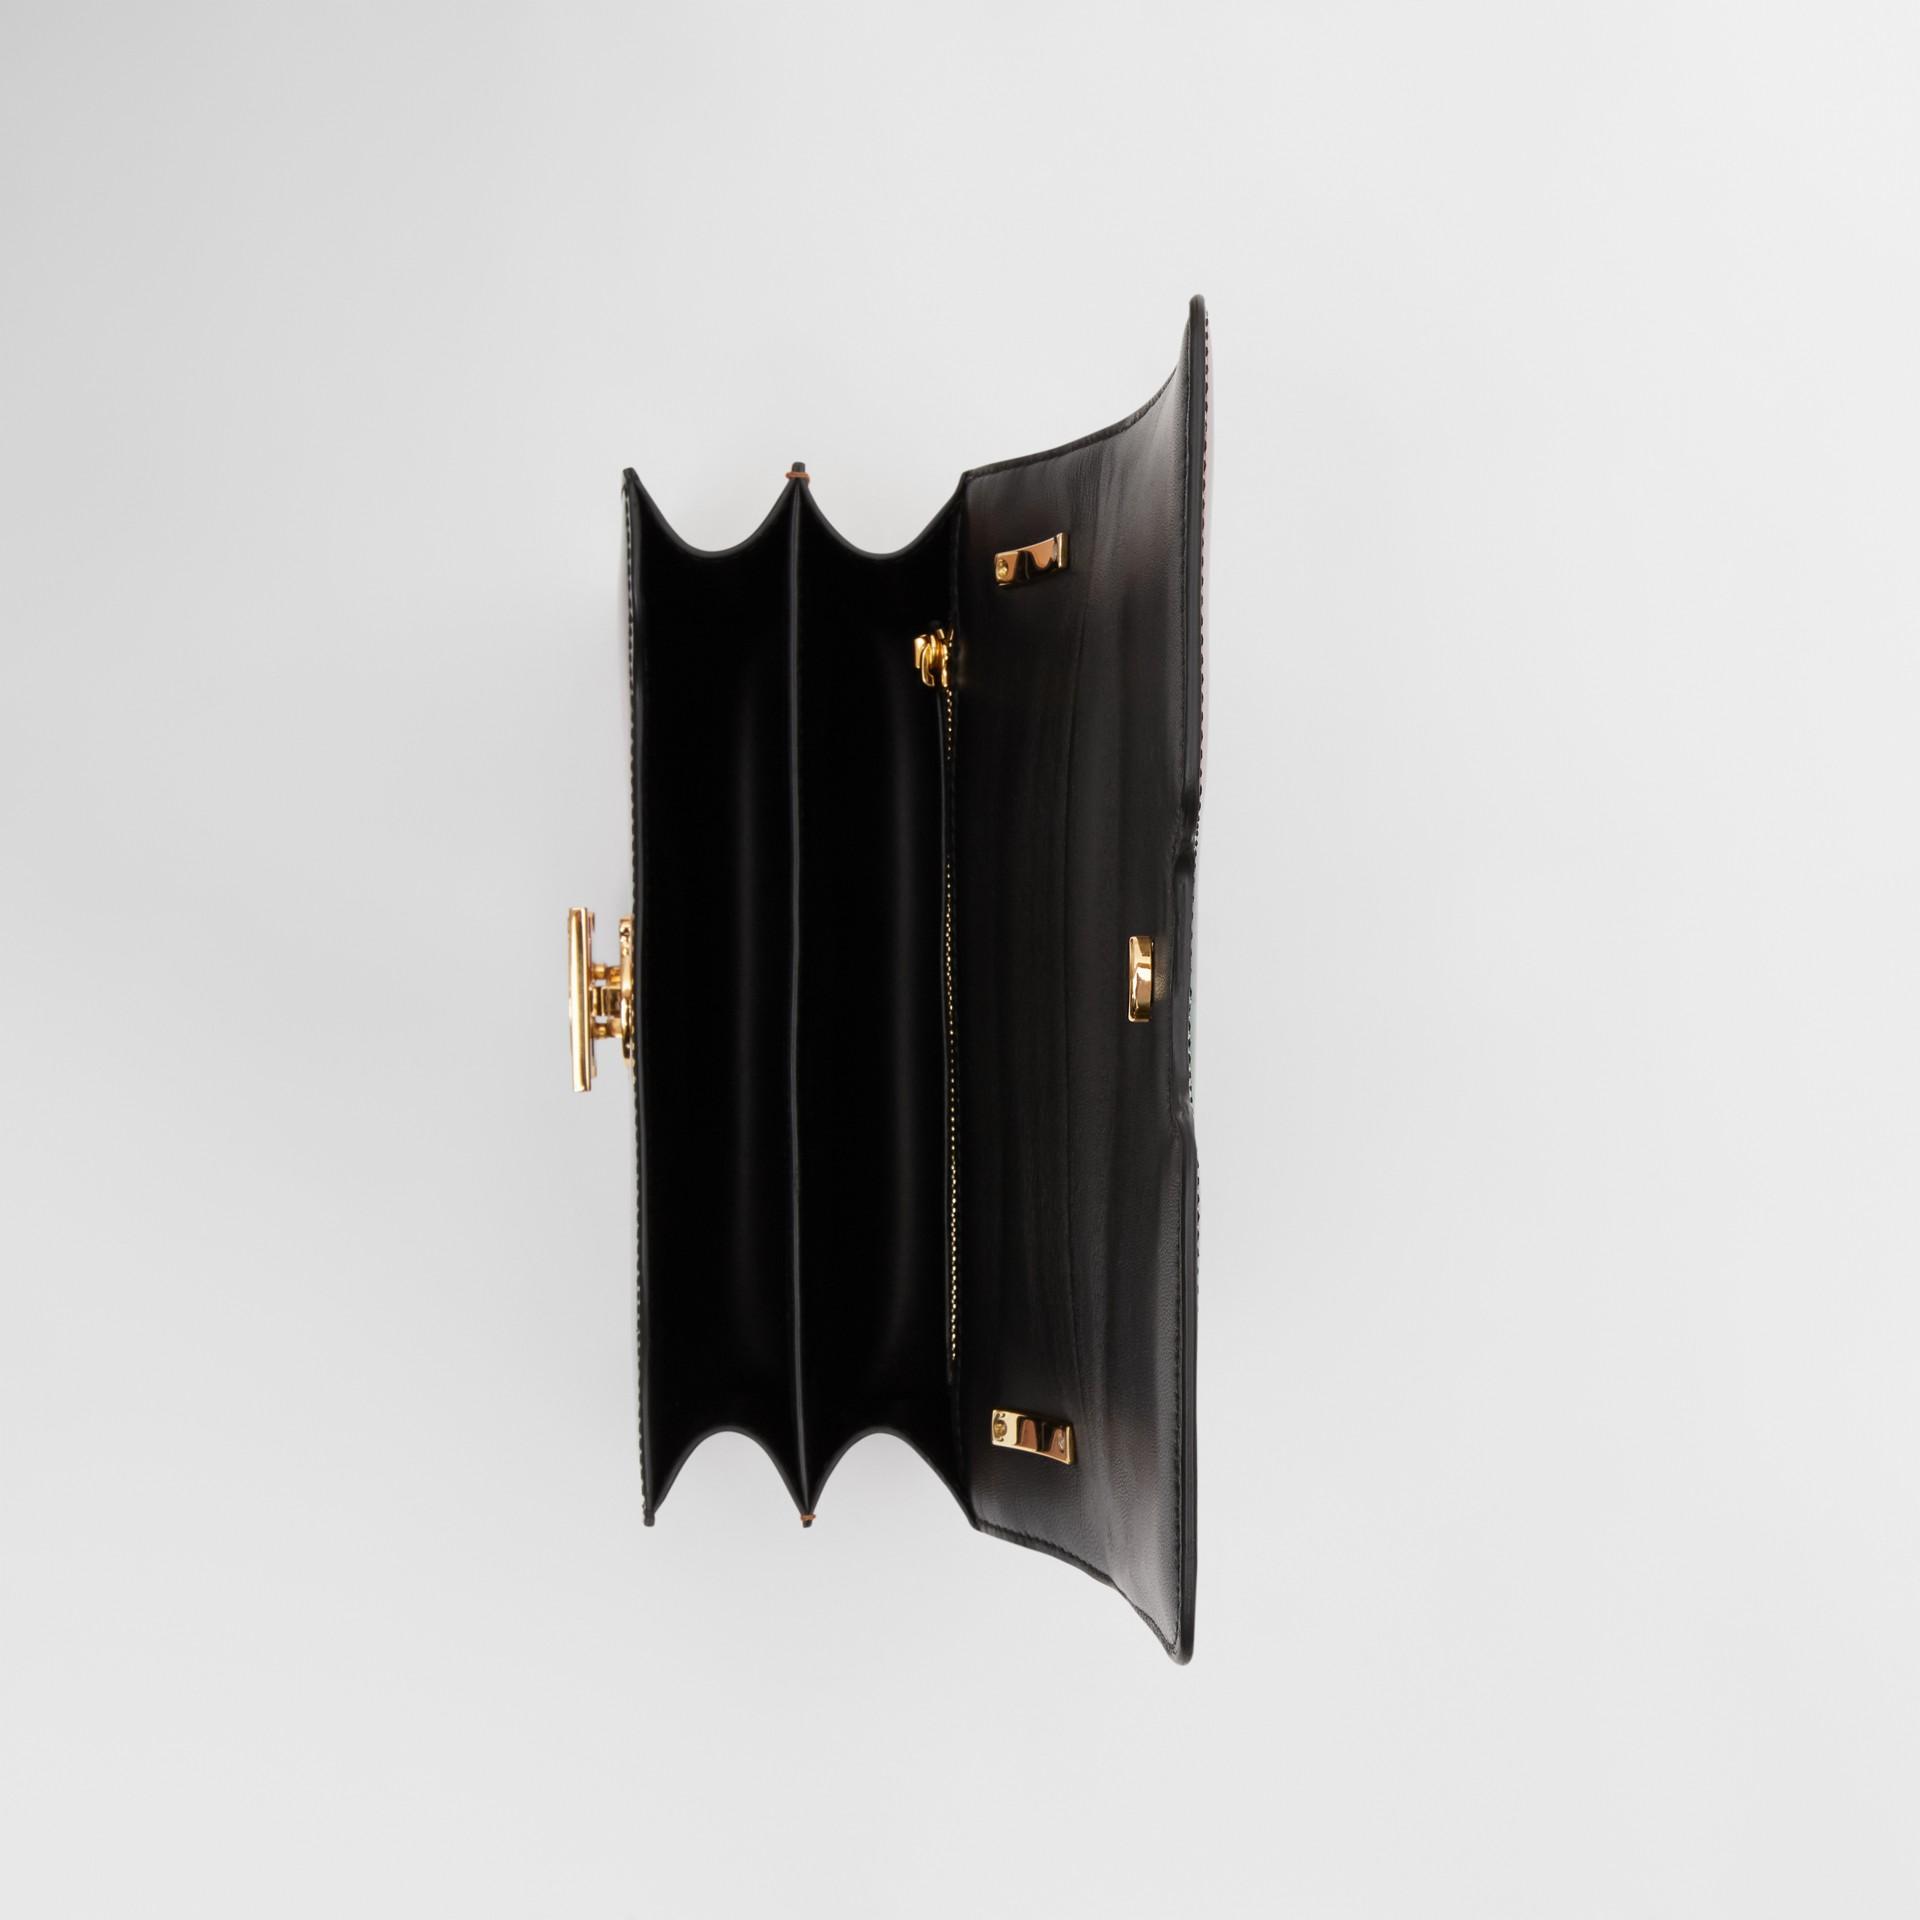 スモール ストライプレザー TBバッグ (ブラック) - ウィメンズ | バーバリー - ギャラリーイメージ 4